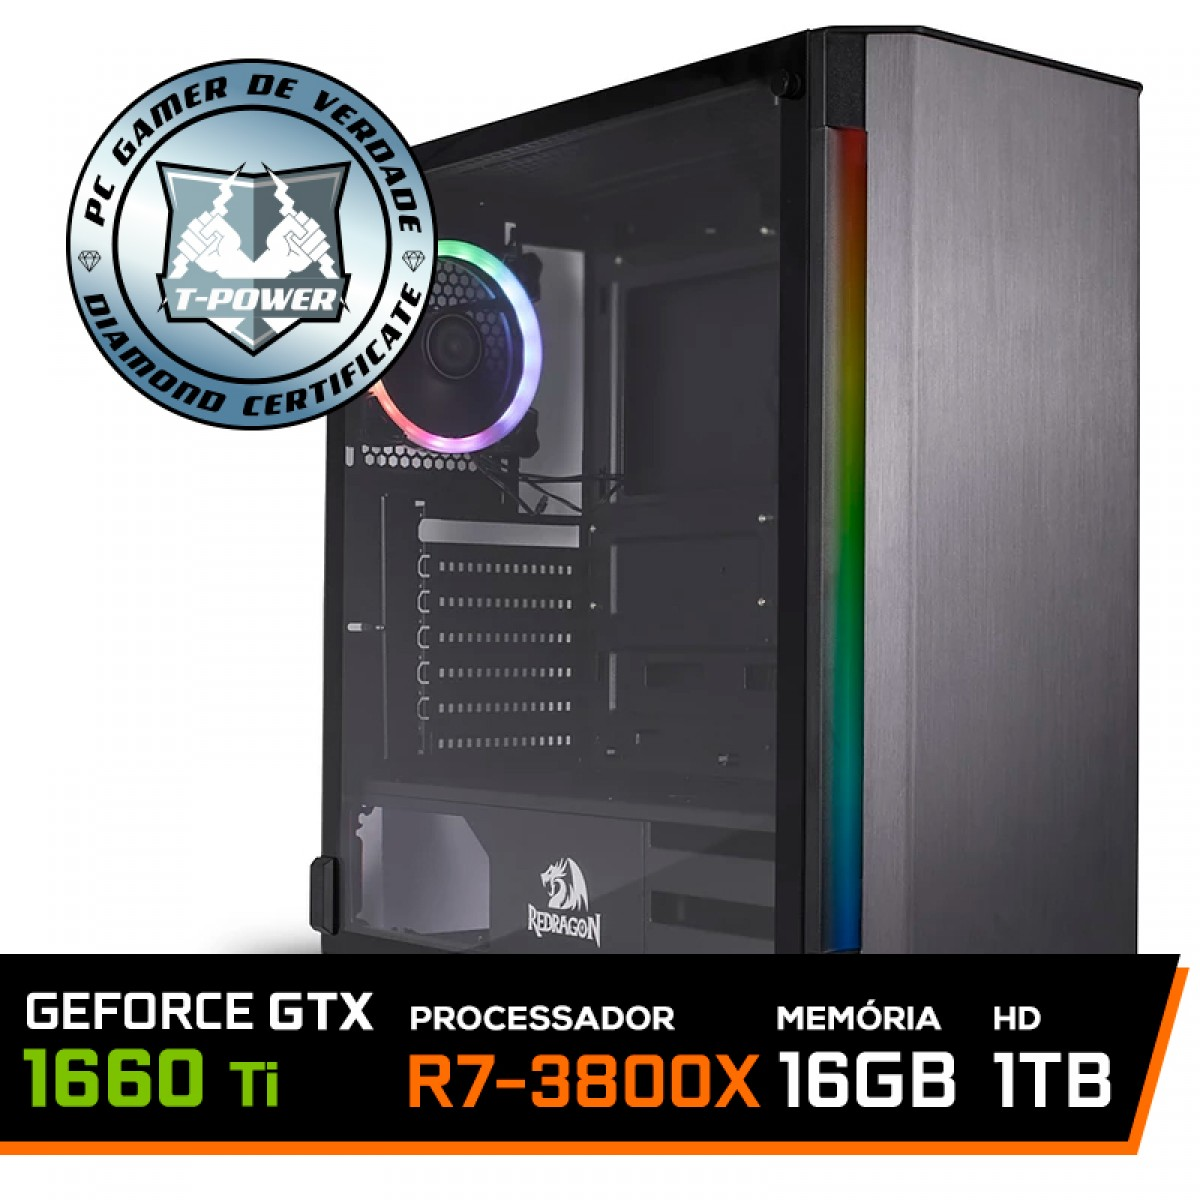 Pc Gamer T-Power Destroyer AMD Ryzen 7 3800X / Geforce GTX 1660 Ti 6GB / DDR4 16GB / HD 1TB / 600W